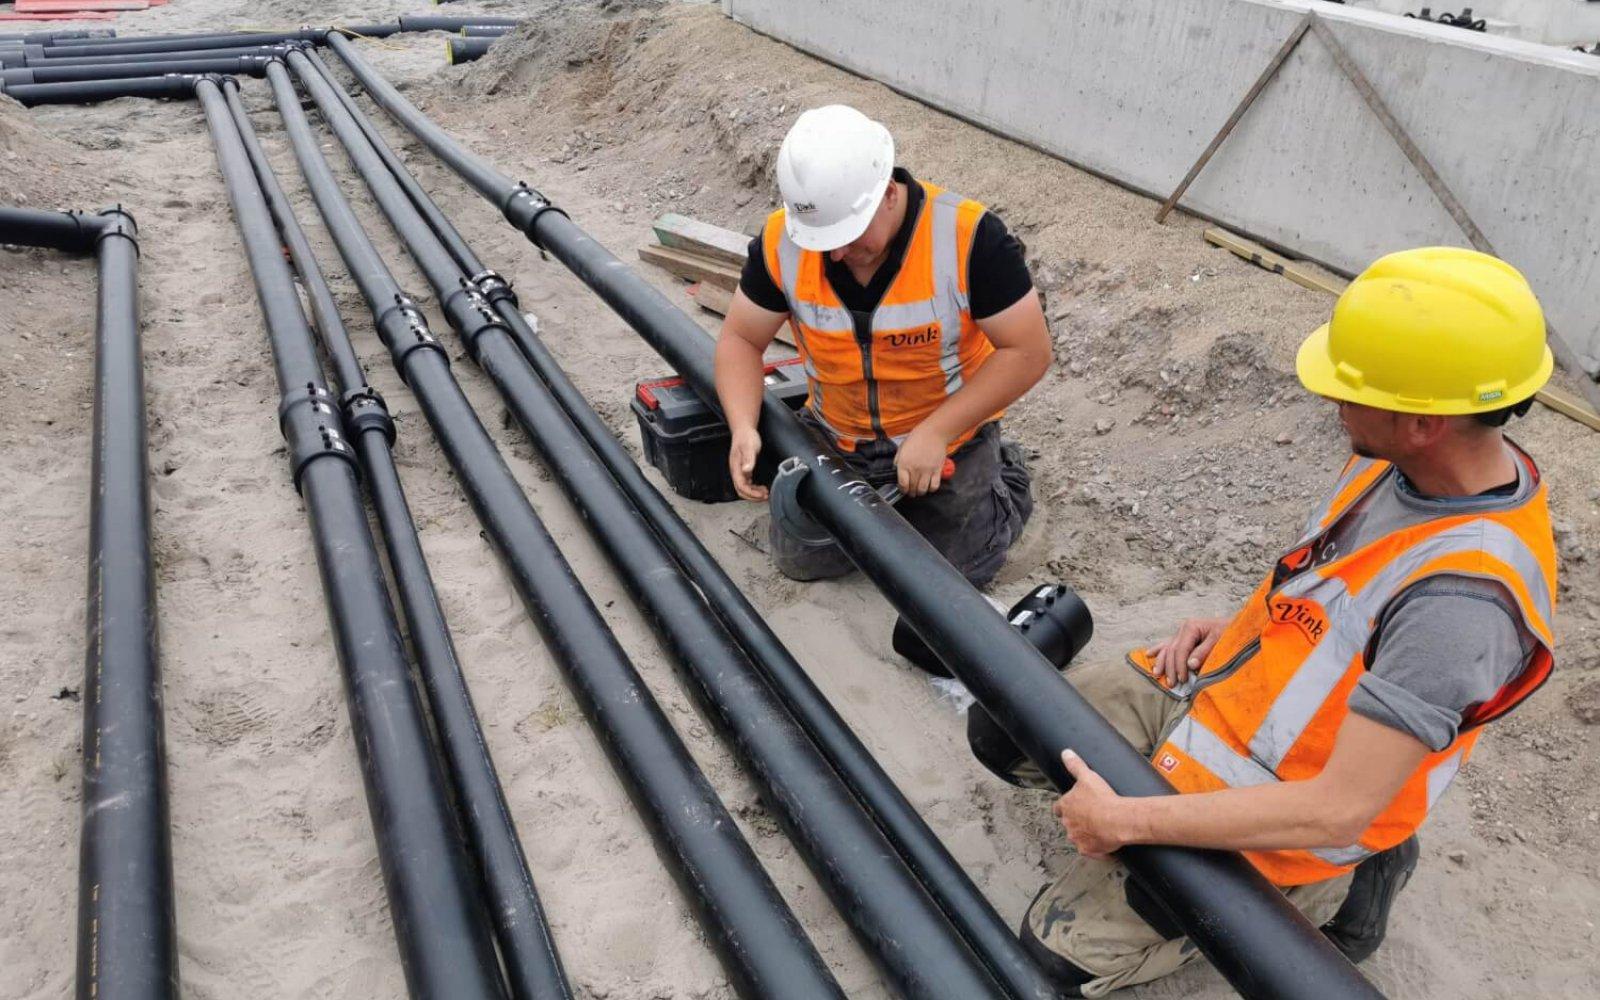 Installatie aanleg leidingsystemen